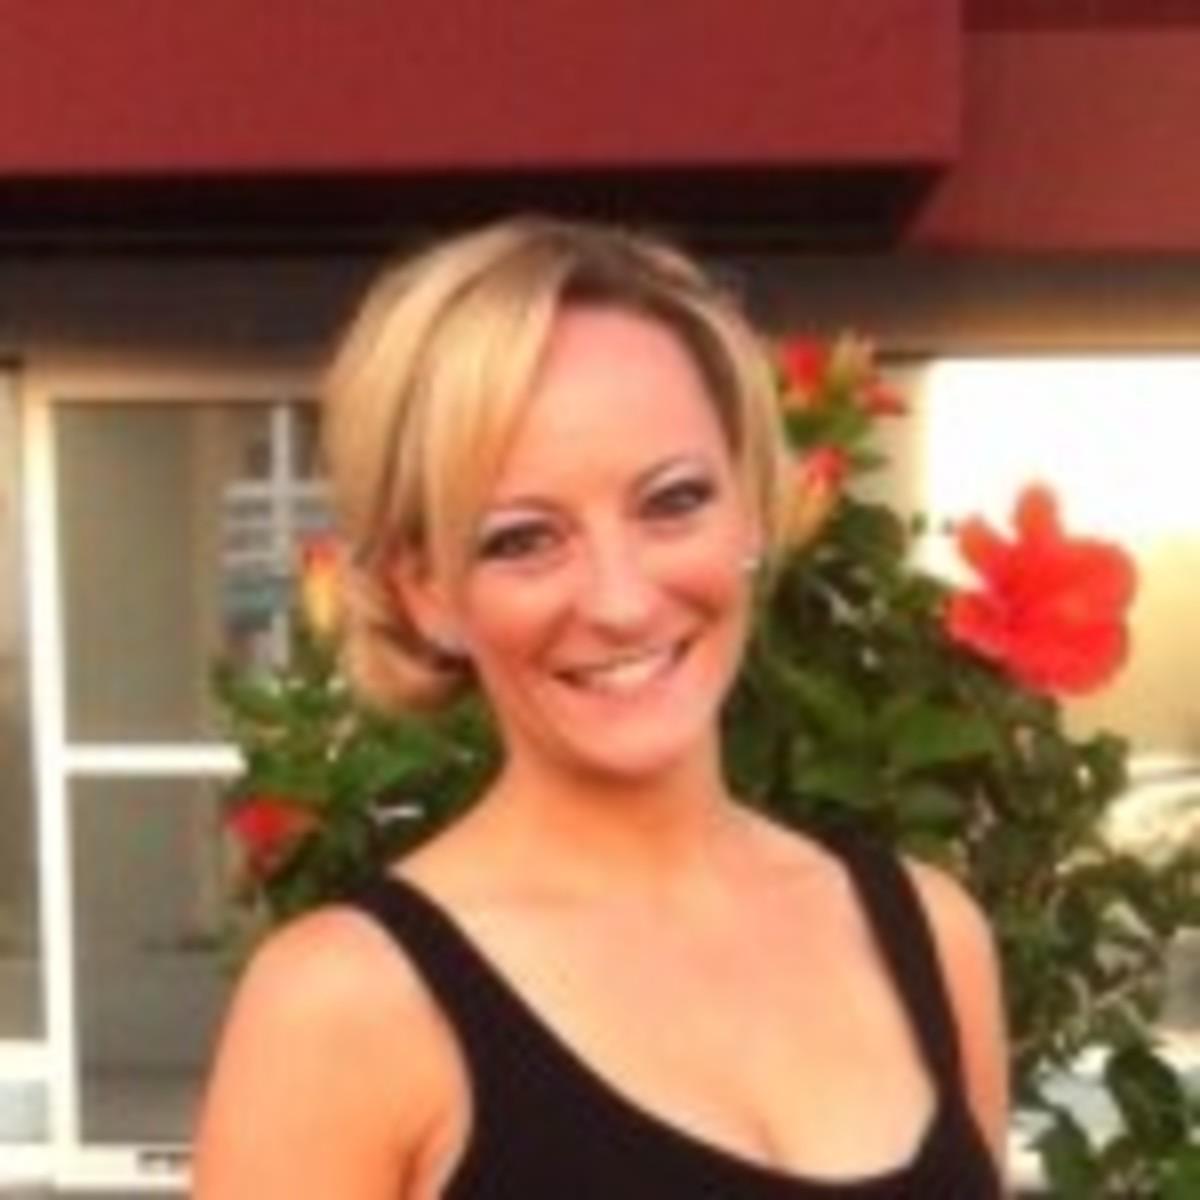 Ashlee Rose Profile Picture Contributors